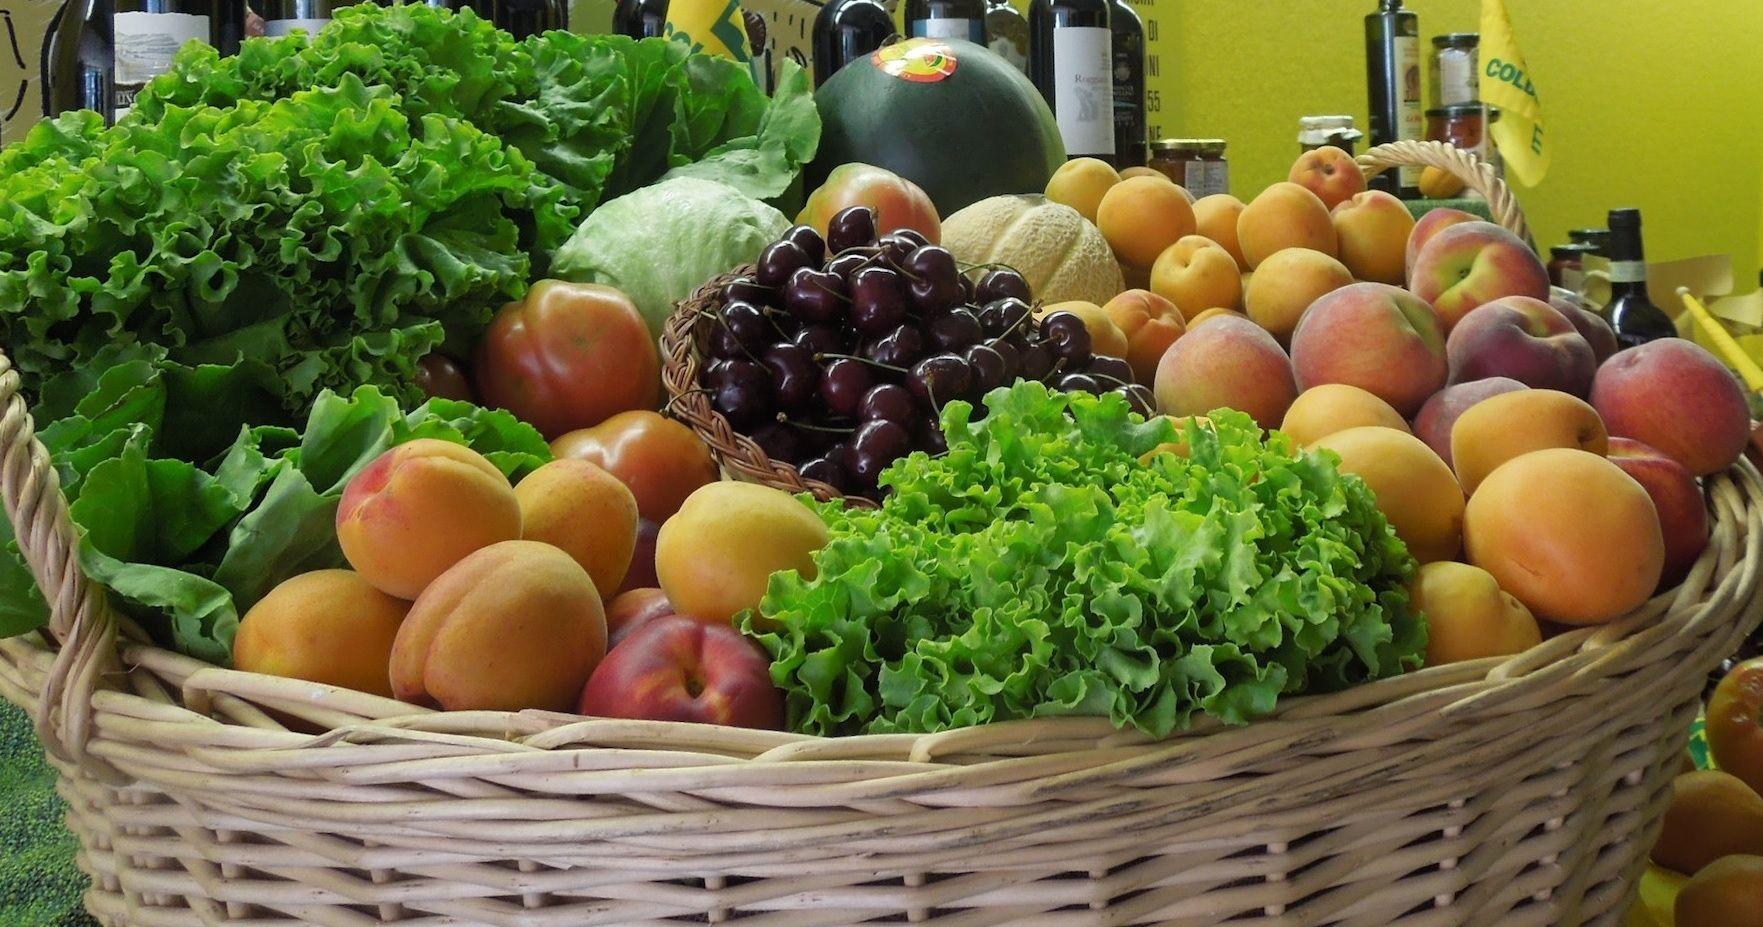 Ecco come riconoscere il cibo ogm o non naturale da - Immagine di frutta e verdura ...